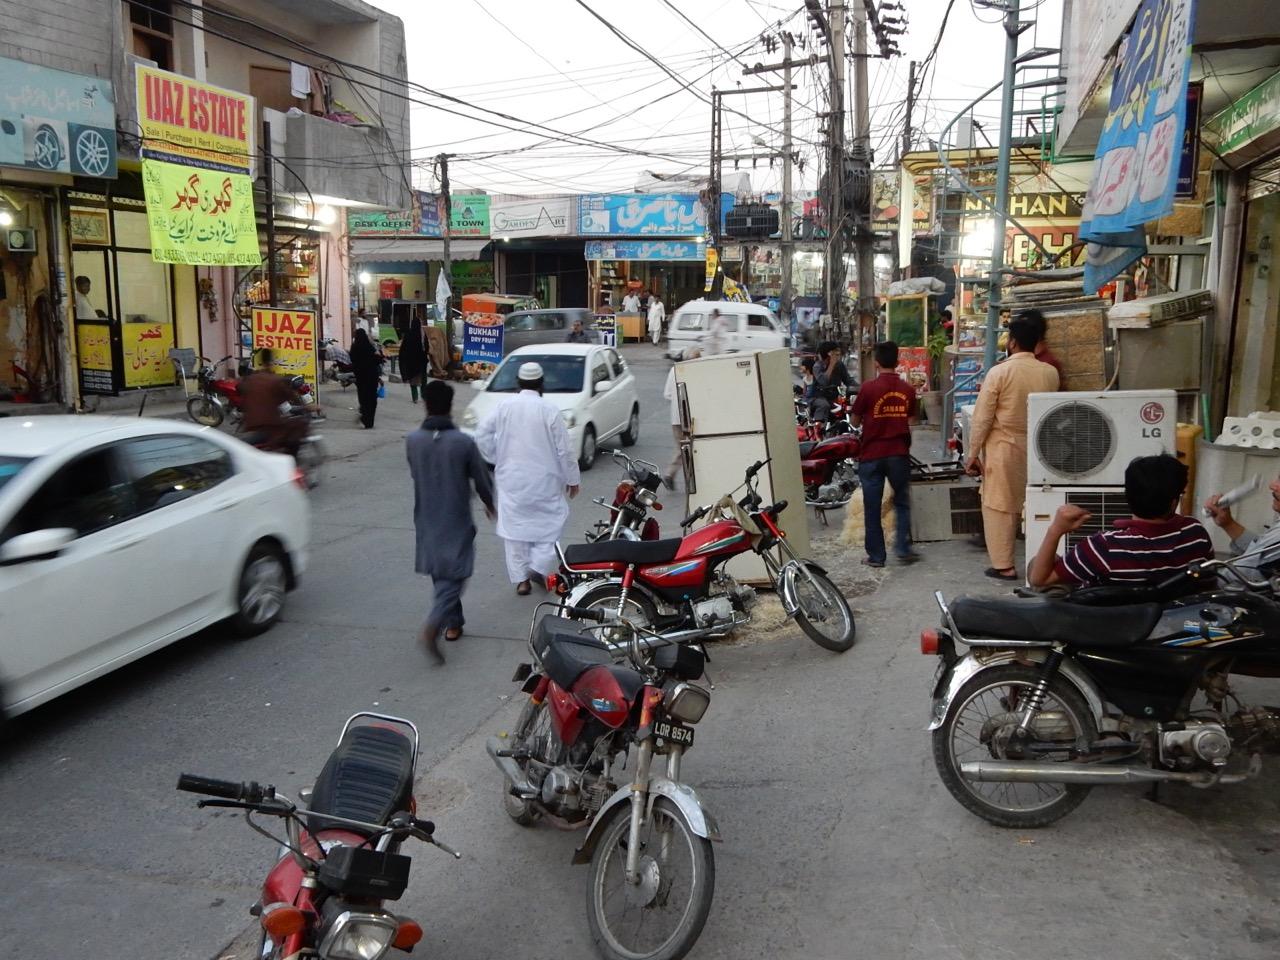 住宅地の近くにある商店街は、いかにもパキスタンの庶民の空気を漂わせている。